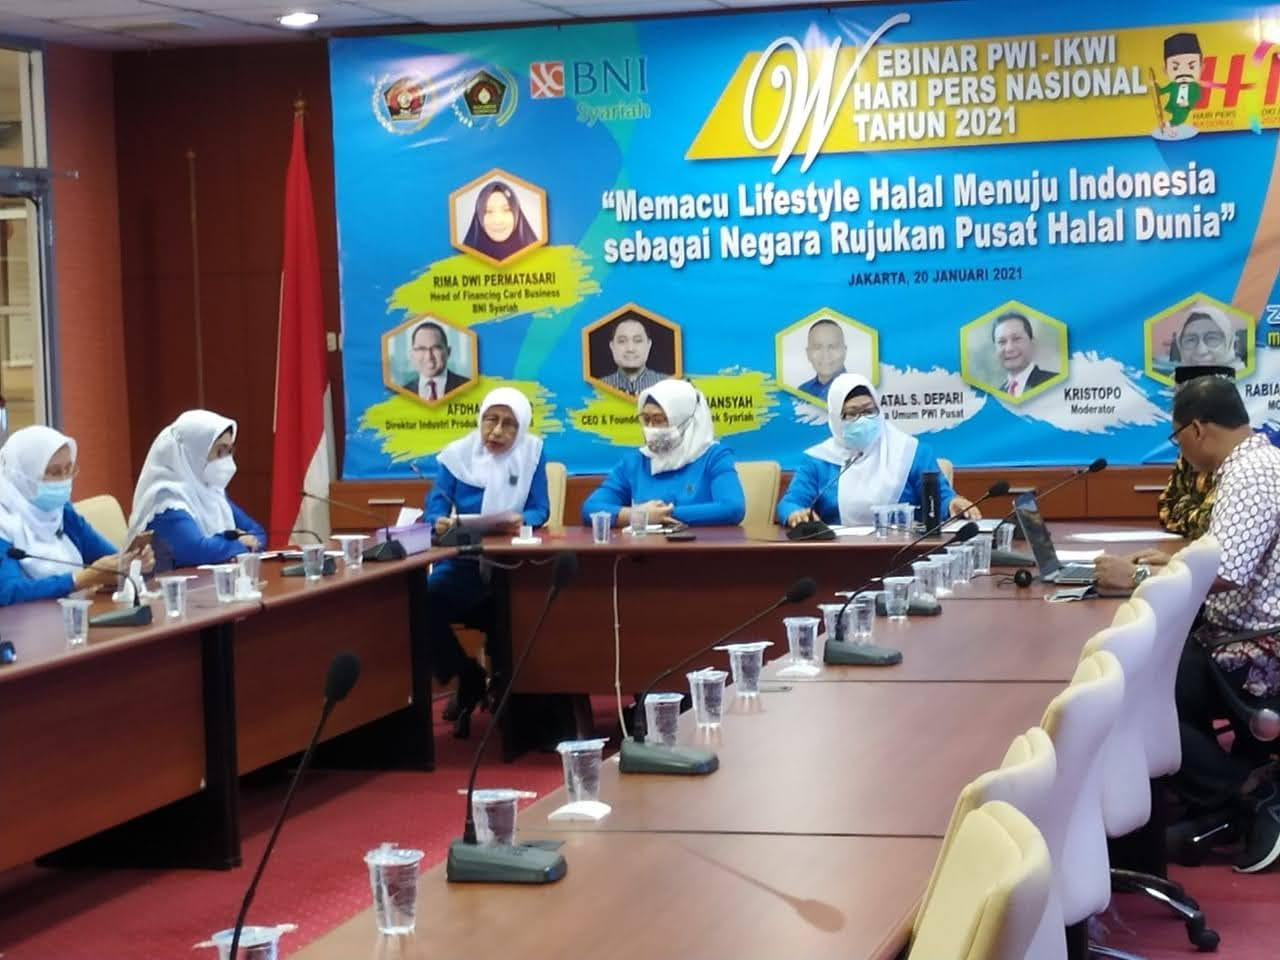 IKWI Gelar Webinar untuk Memacu Indonesia Jadi Pusat Halal Dunia.